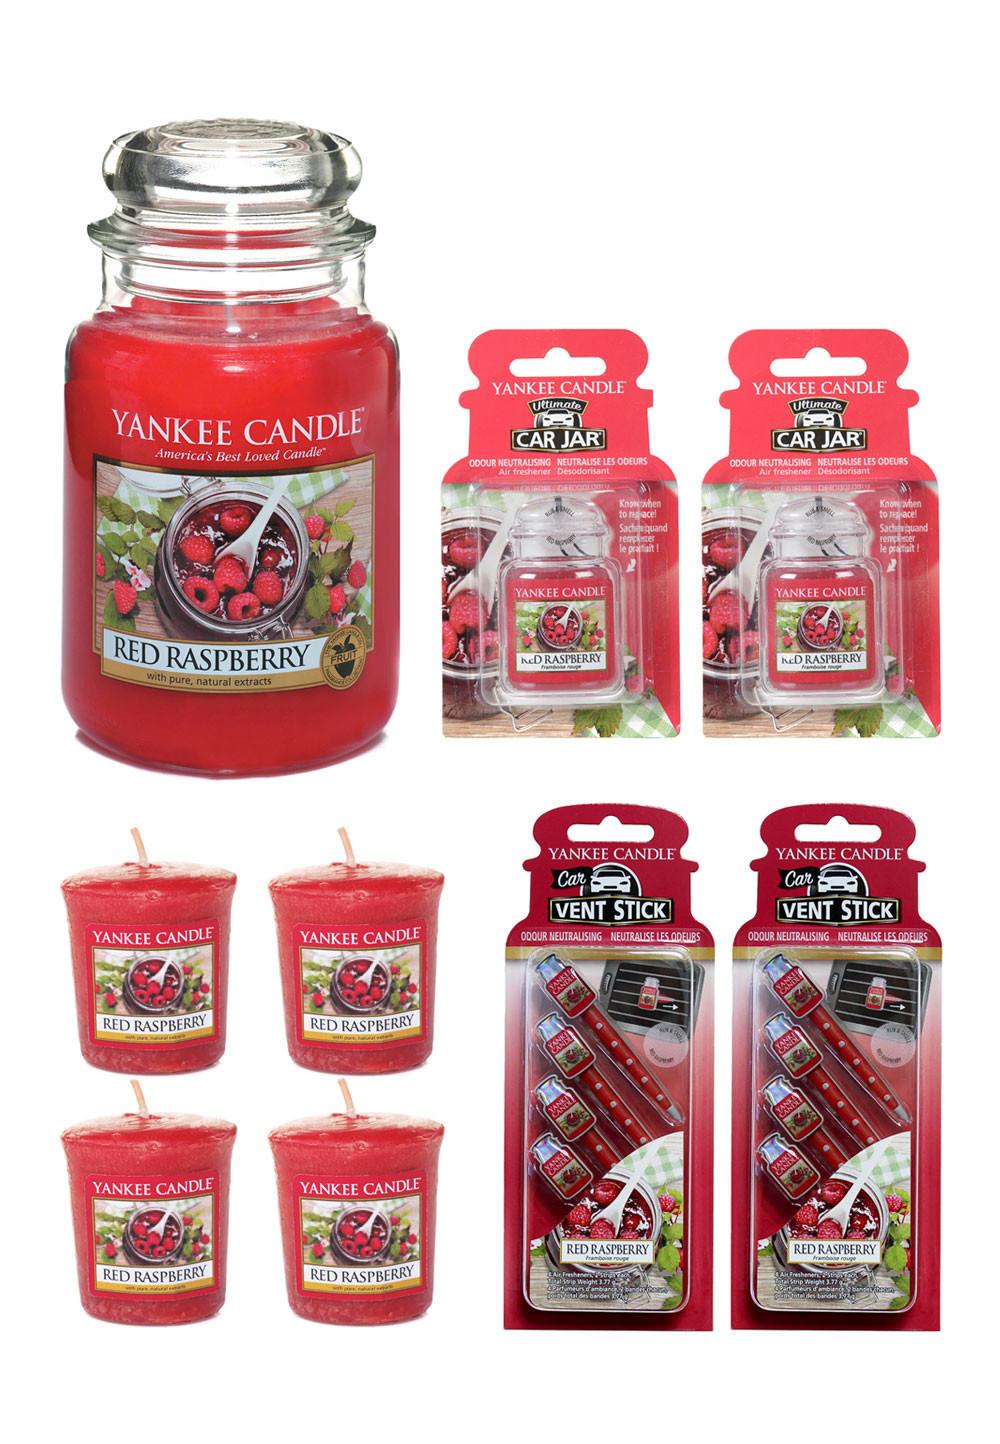 6 verschiedene Sets von Yankee Candle bei Brands4Friends, z.B. 9-teiliges Duftset Red Raspberry